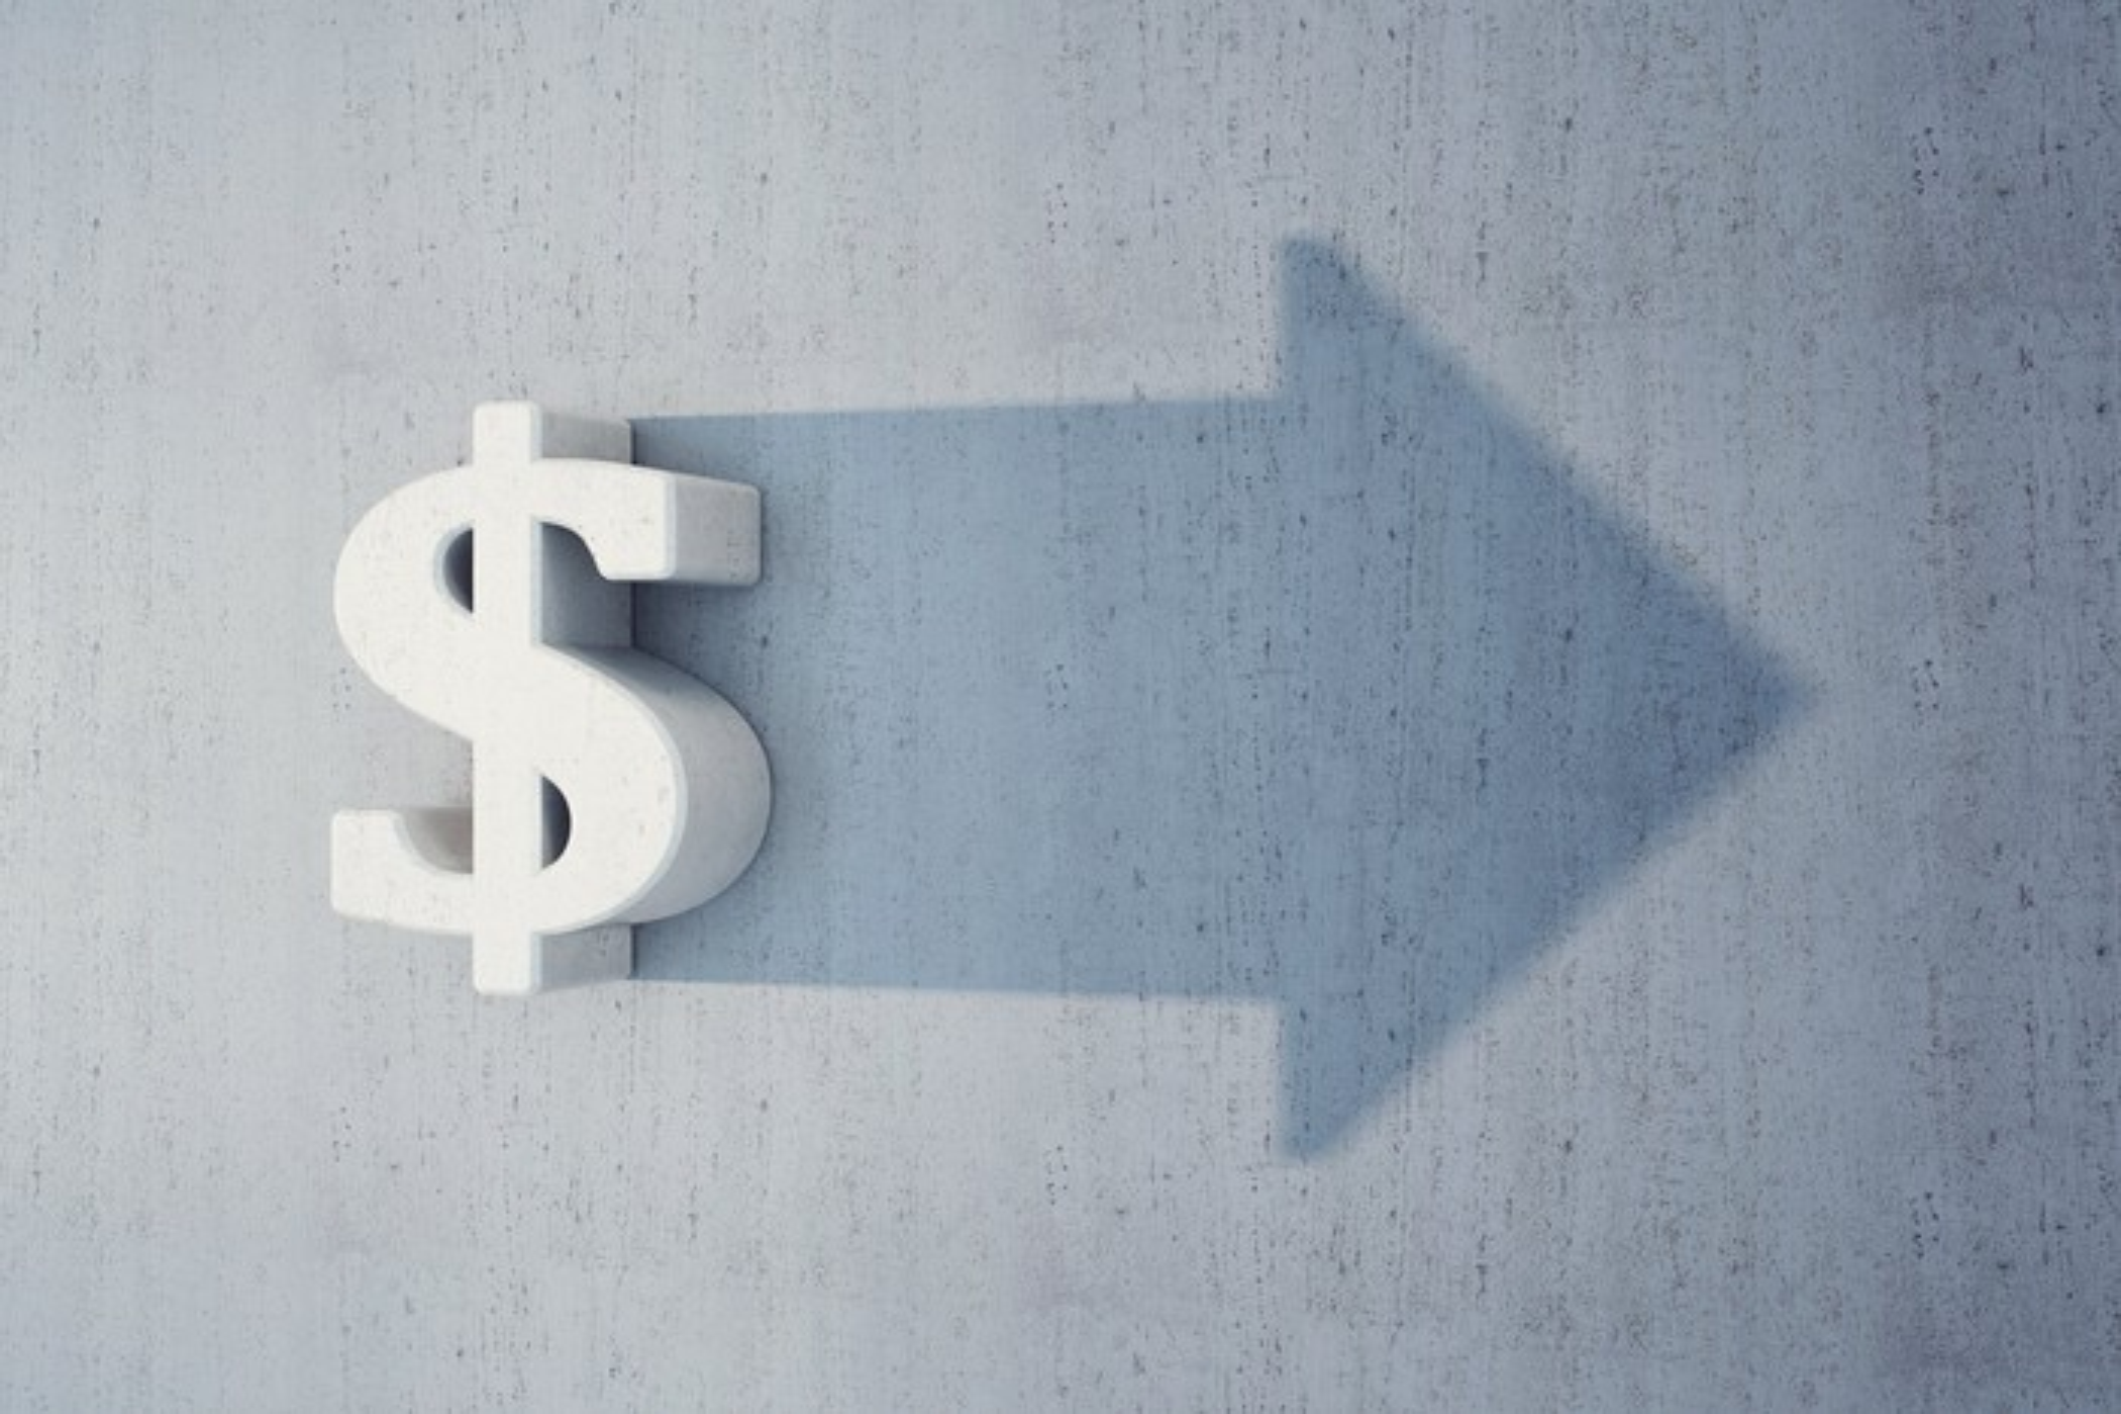 A dollar sign over an arrow.